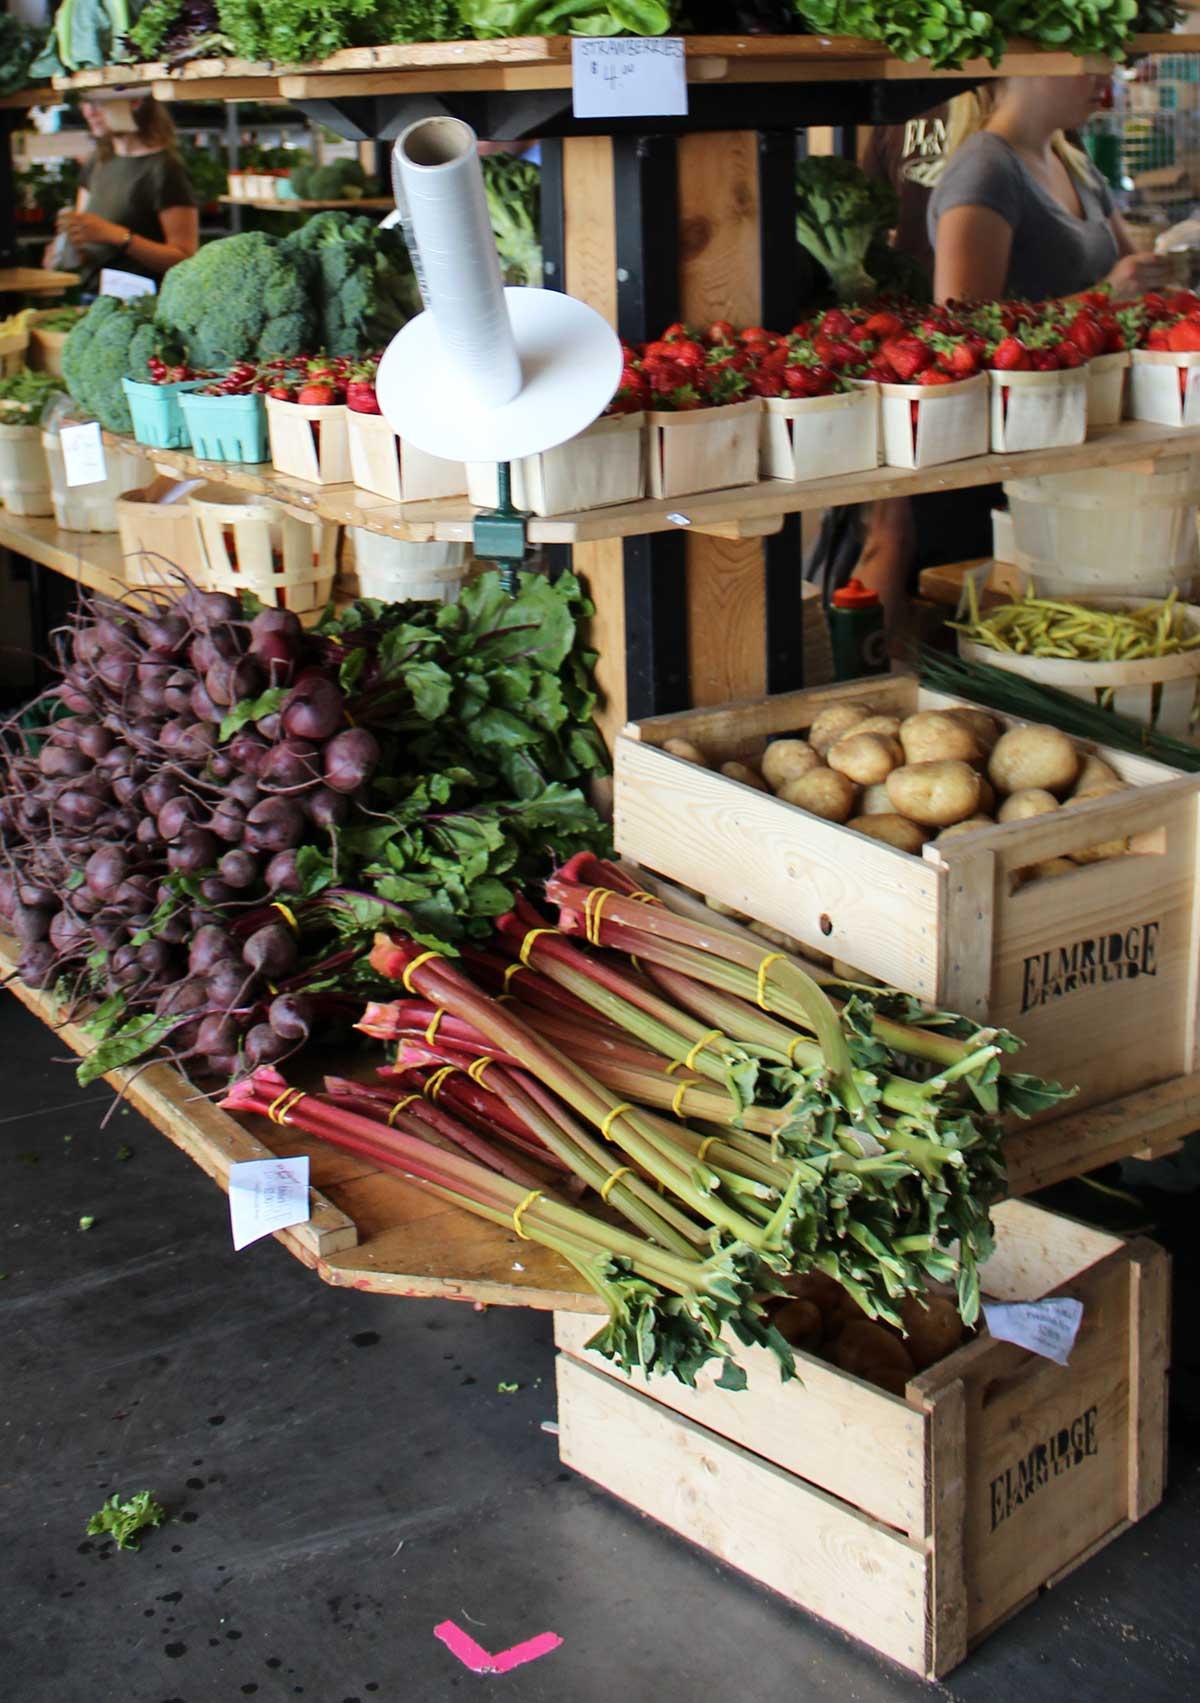 rhubarbs-beets-farmers-market